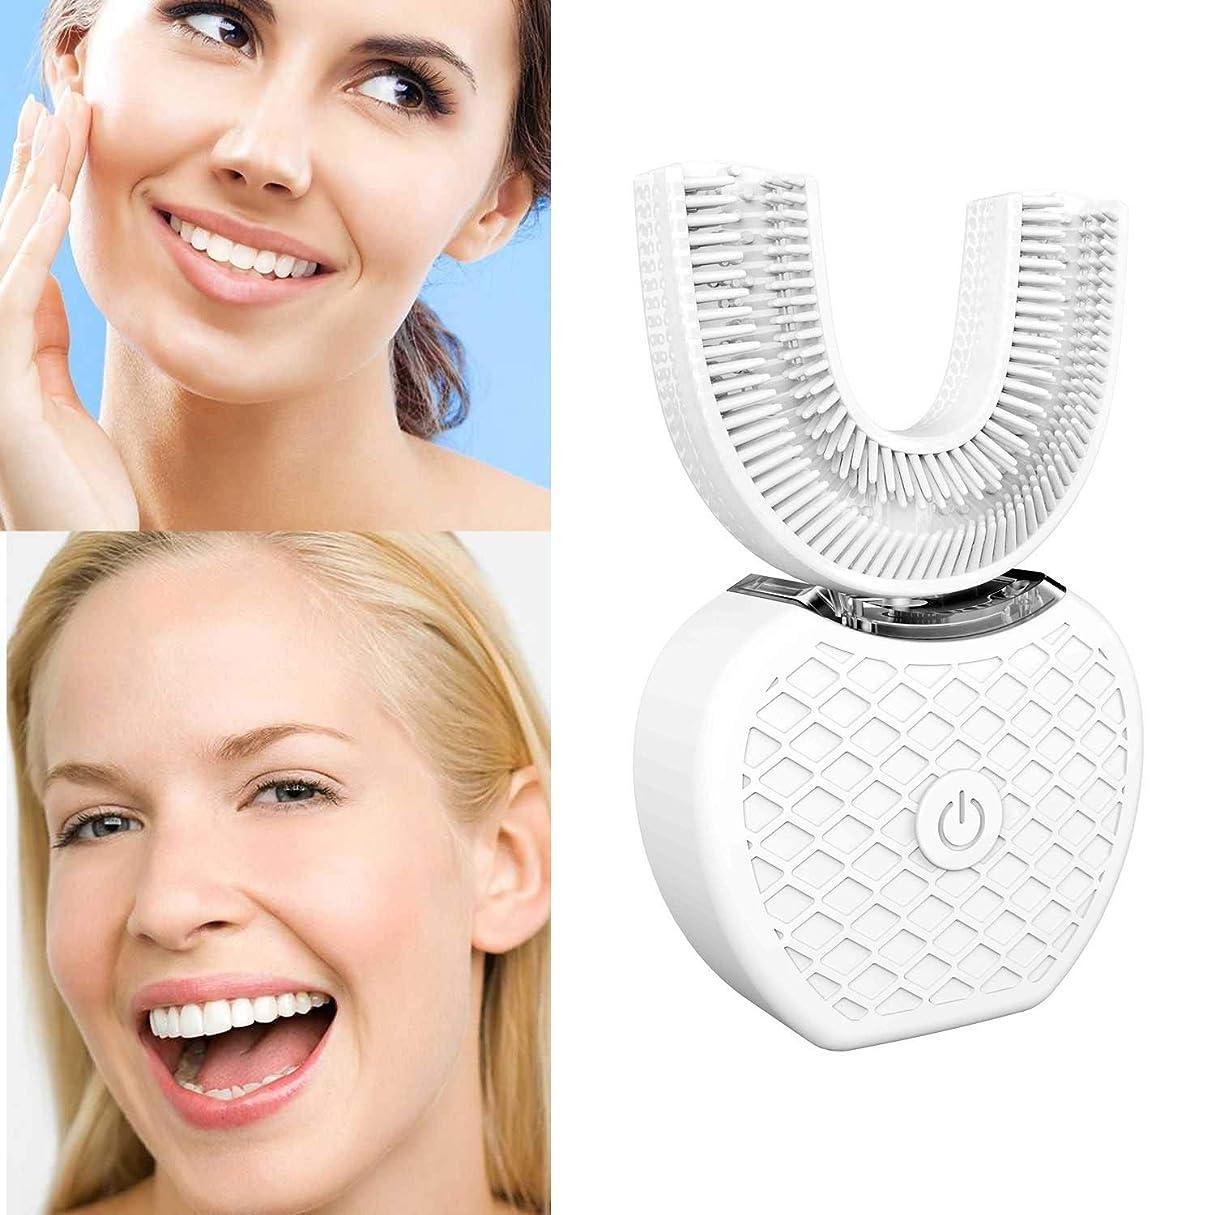 続編お客様区別新しい電動歯ブラシ、V-white 超音波自動歯ブラシ360°包囲清掃歯、より深い清掃 (ホワイト)